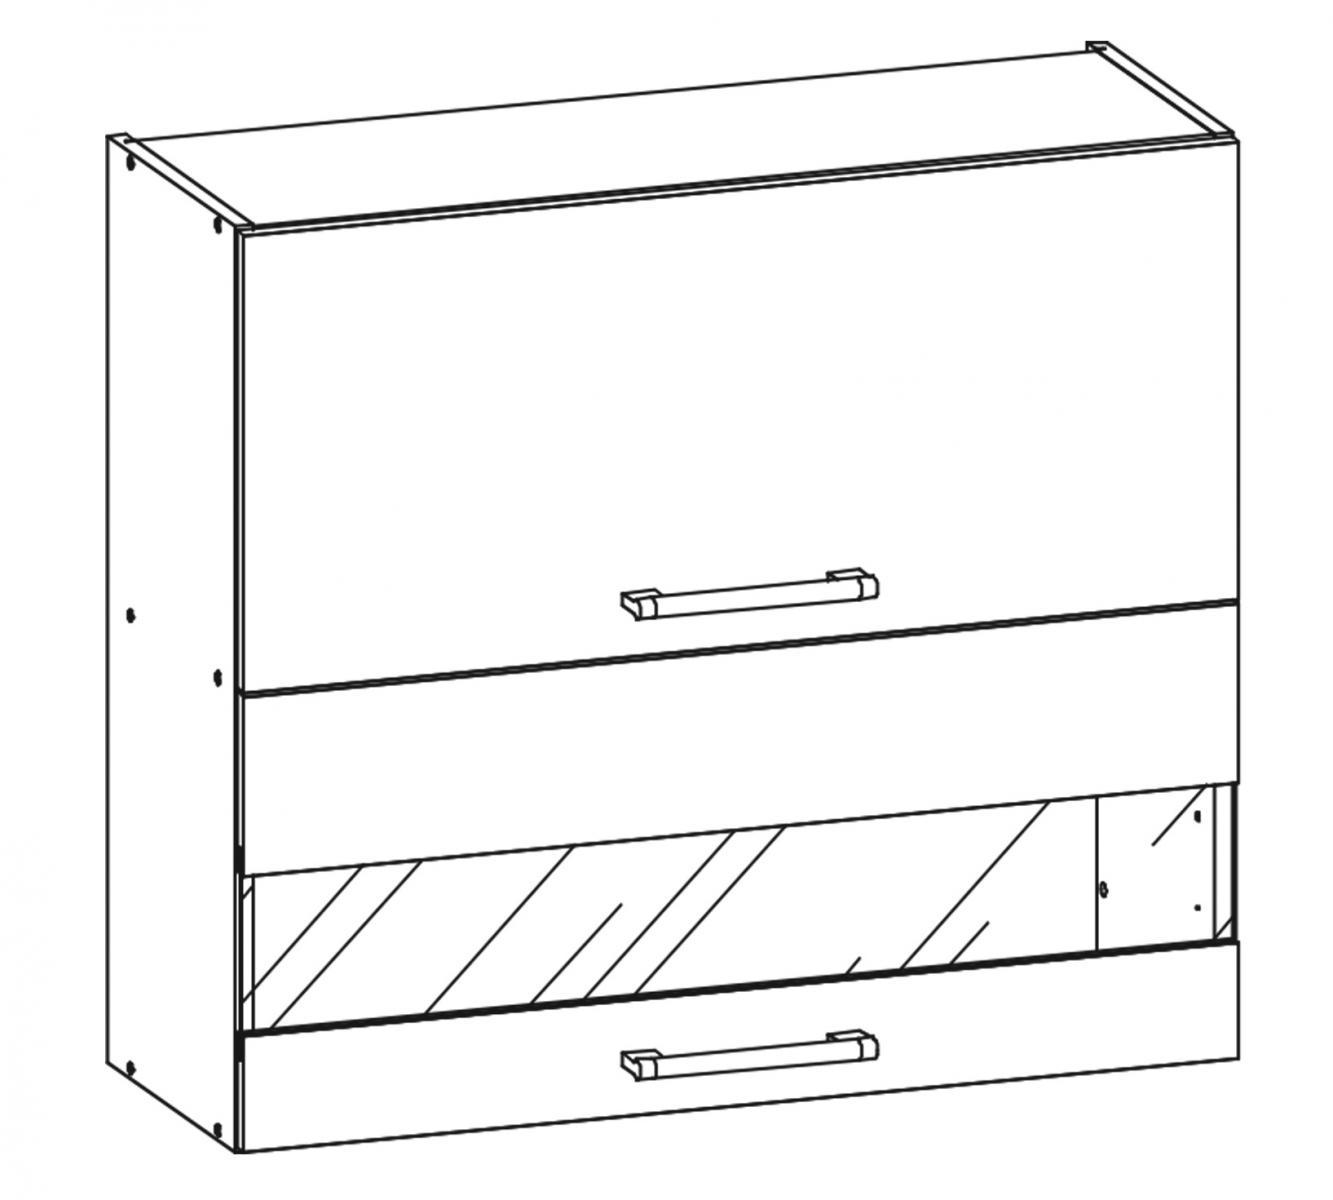 Kuchyňská skříňka Sergio 09/G80Wo bílá/bílý lesk